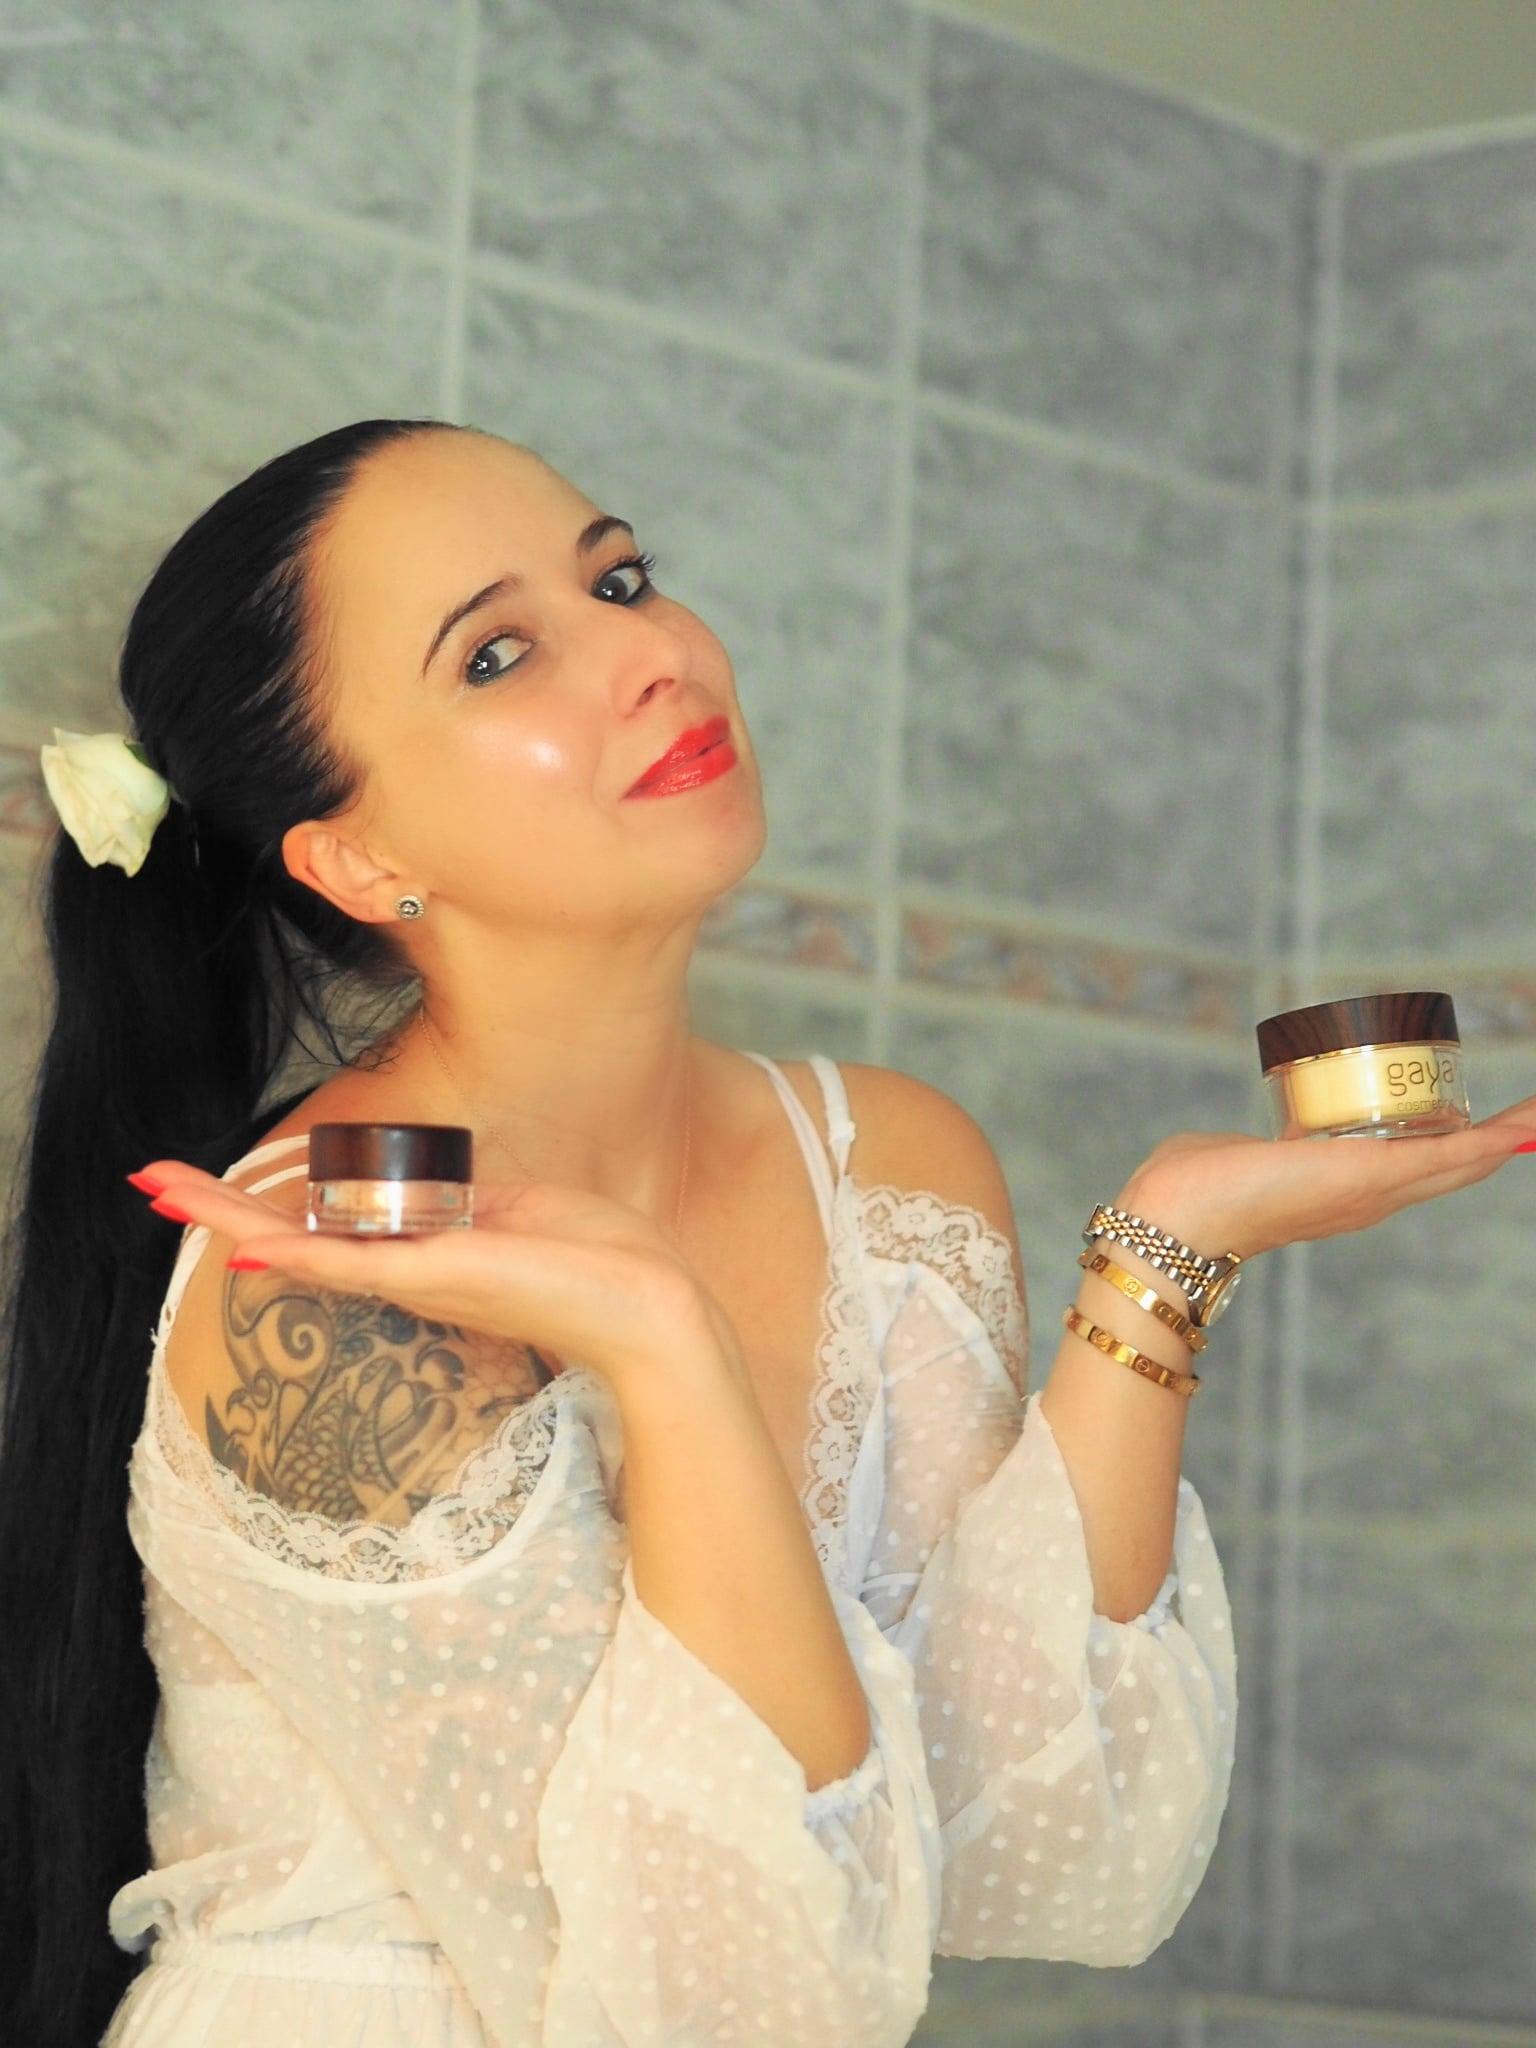 Das Kosmetiklabel Gaya Cosmetics steht für hochwertiges veganes Mineral Make Up und parabenfreie Hautpflege-Produkte aus 100% natürlichen Inhaltsstoffen.